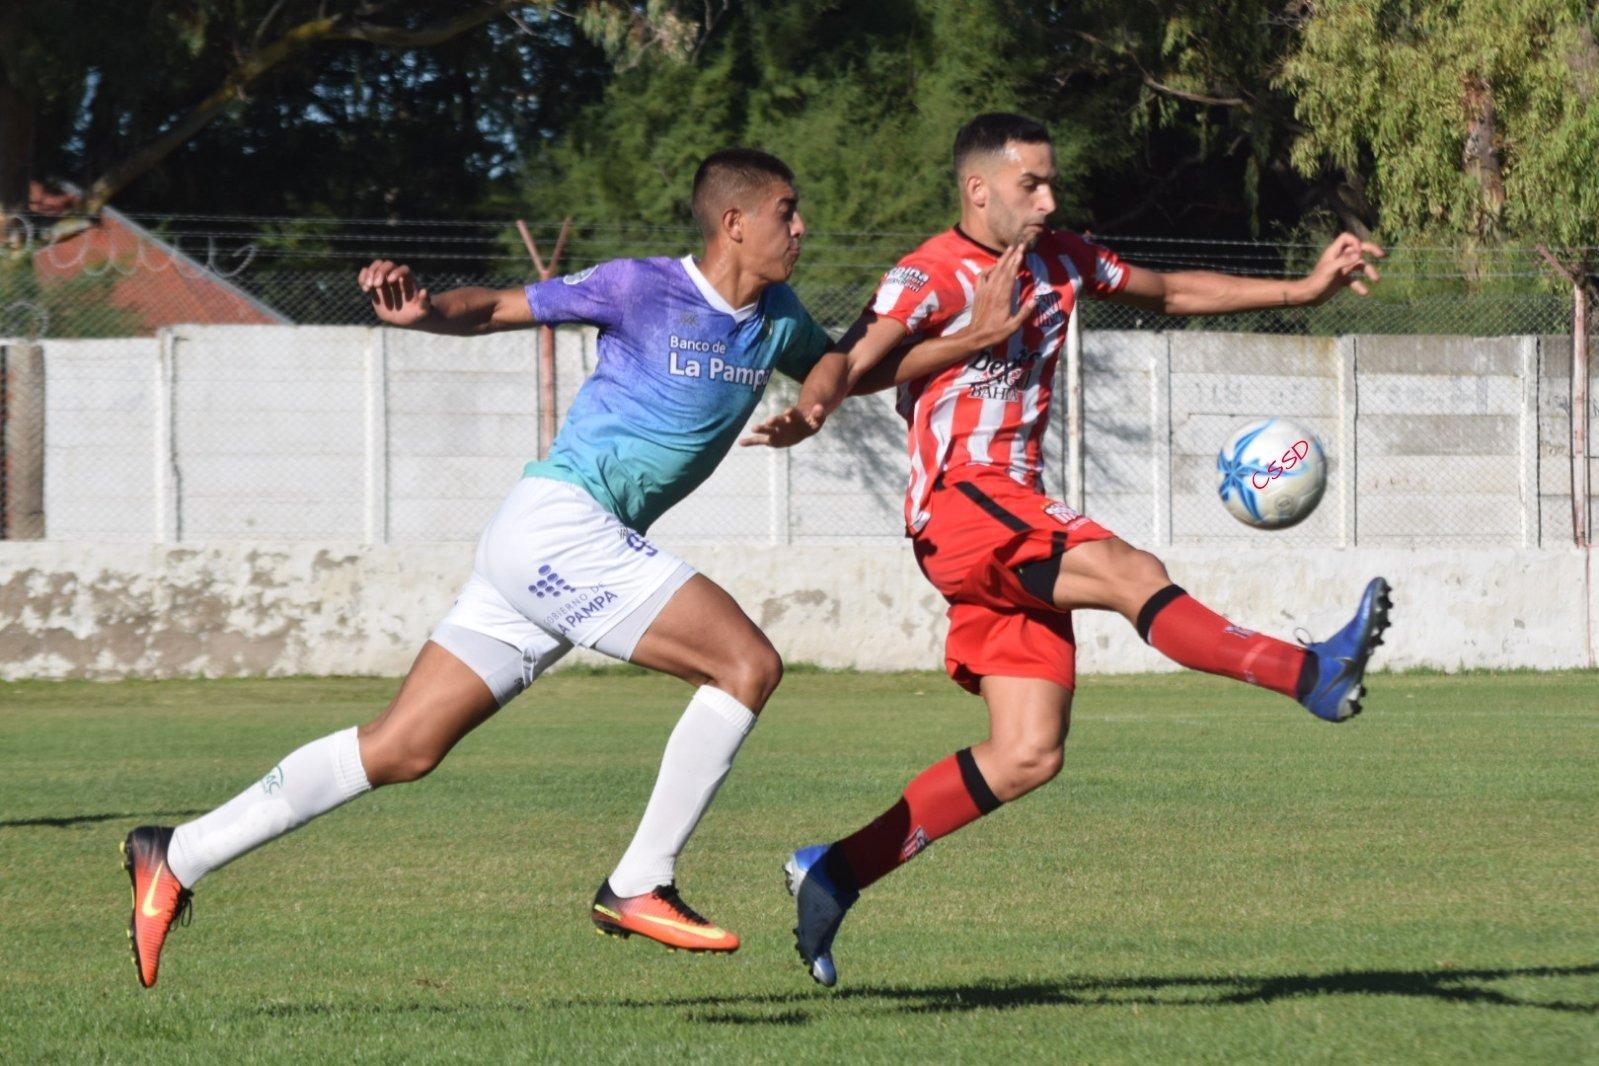 """Fútbol en tiempos de Coronavirus: Mirá cómo podría terminar esta edición del Torneo Federal """"A"""" donde participa Ferro"""